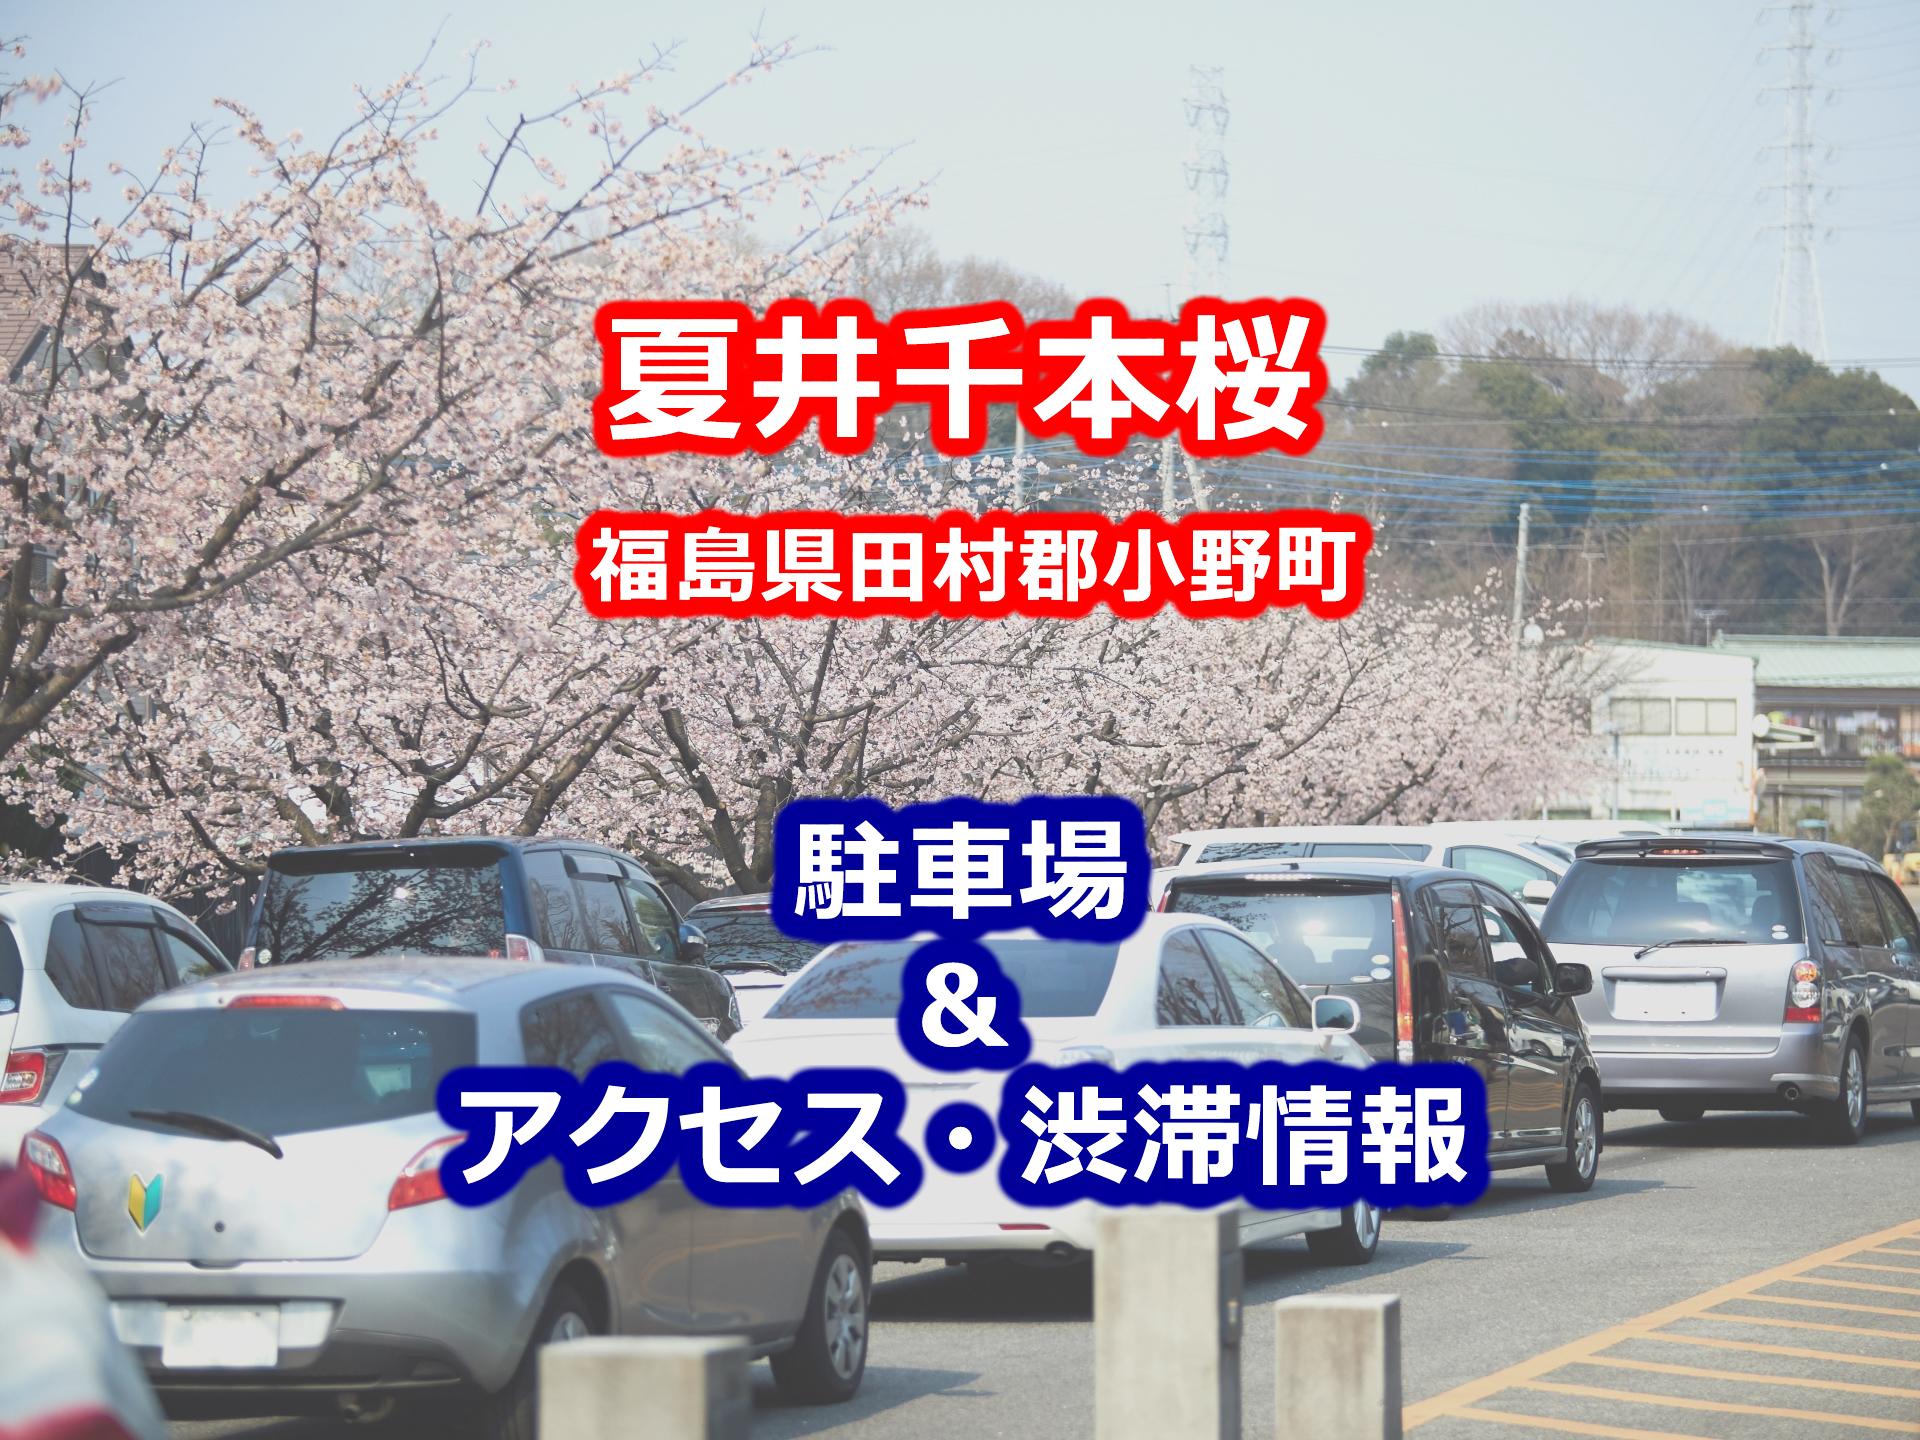 夏井千本桜周辺の無料・有料駐車場と地図・電車&車のアクセスや渋滞方法一覧まとめ